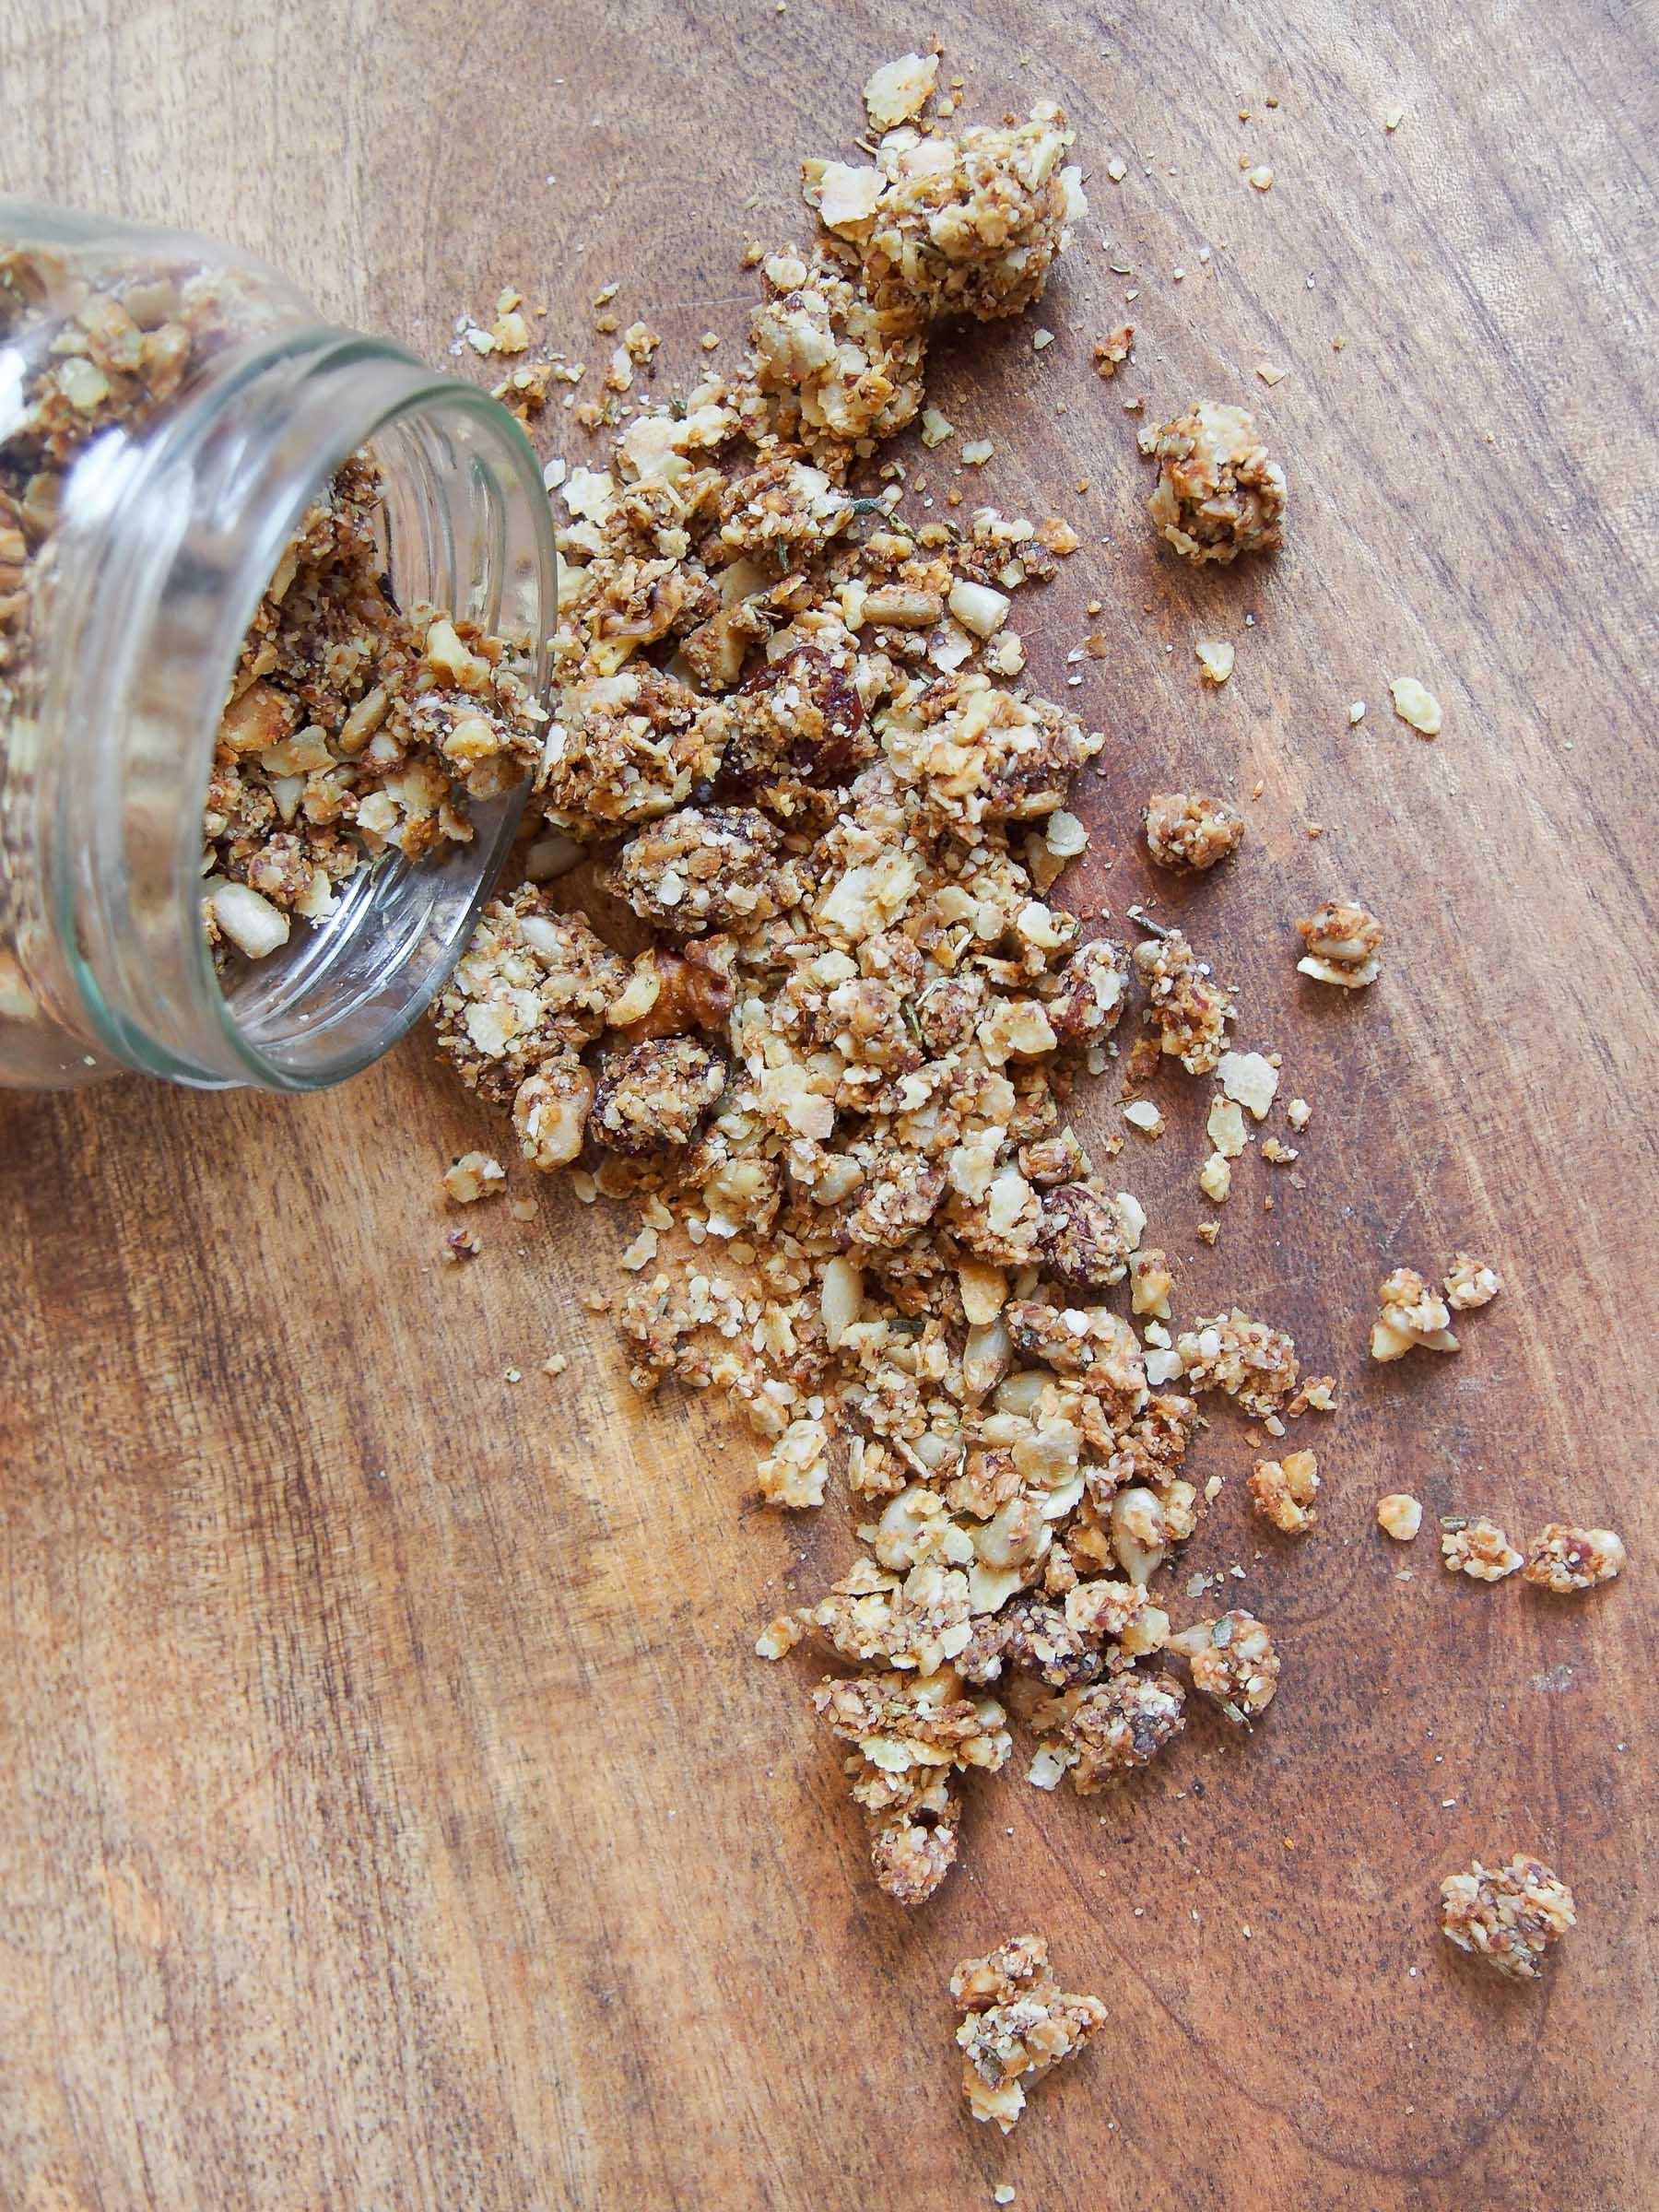 Granola salé aux flocons de sarrasin, noix, raisins secs et herbes aromatiques (vegan, sans gluten)